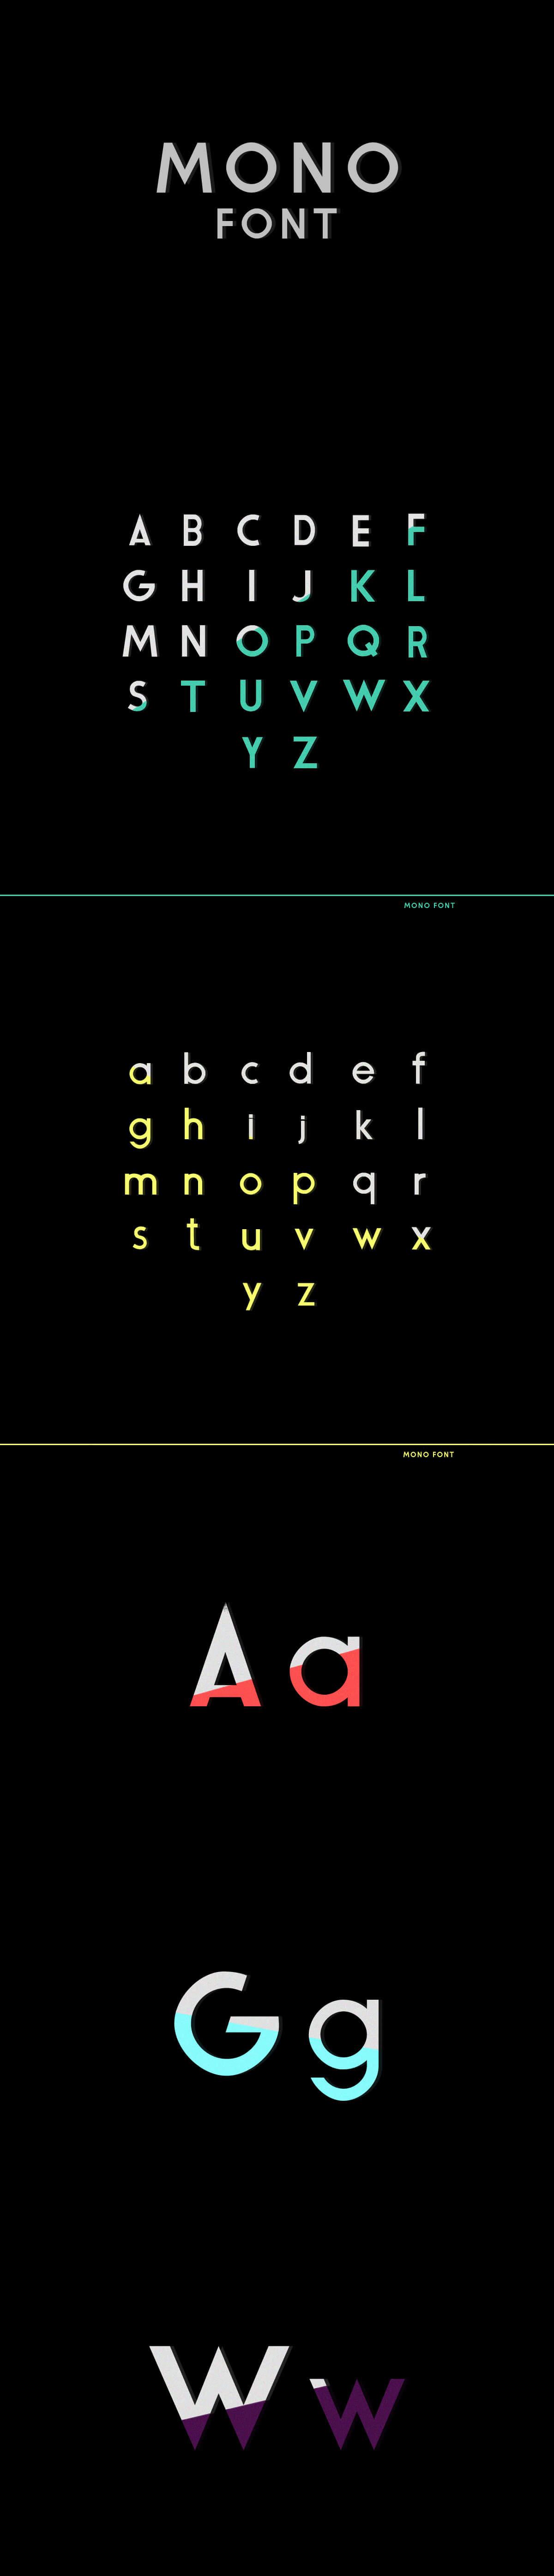 Free Mono Sans Serif Font